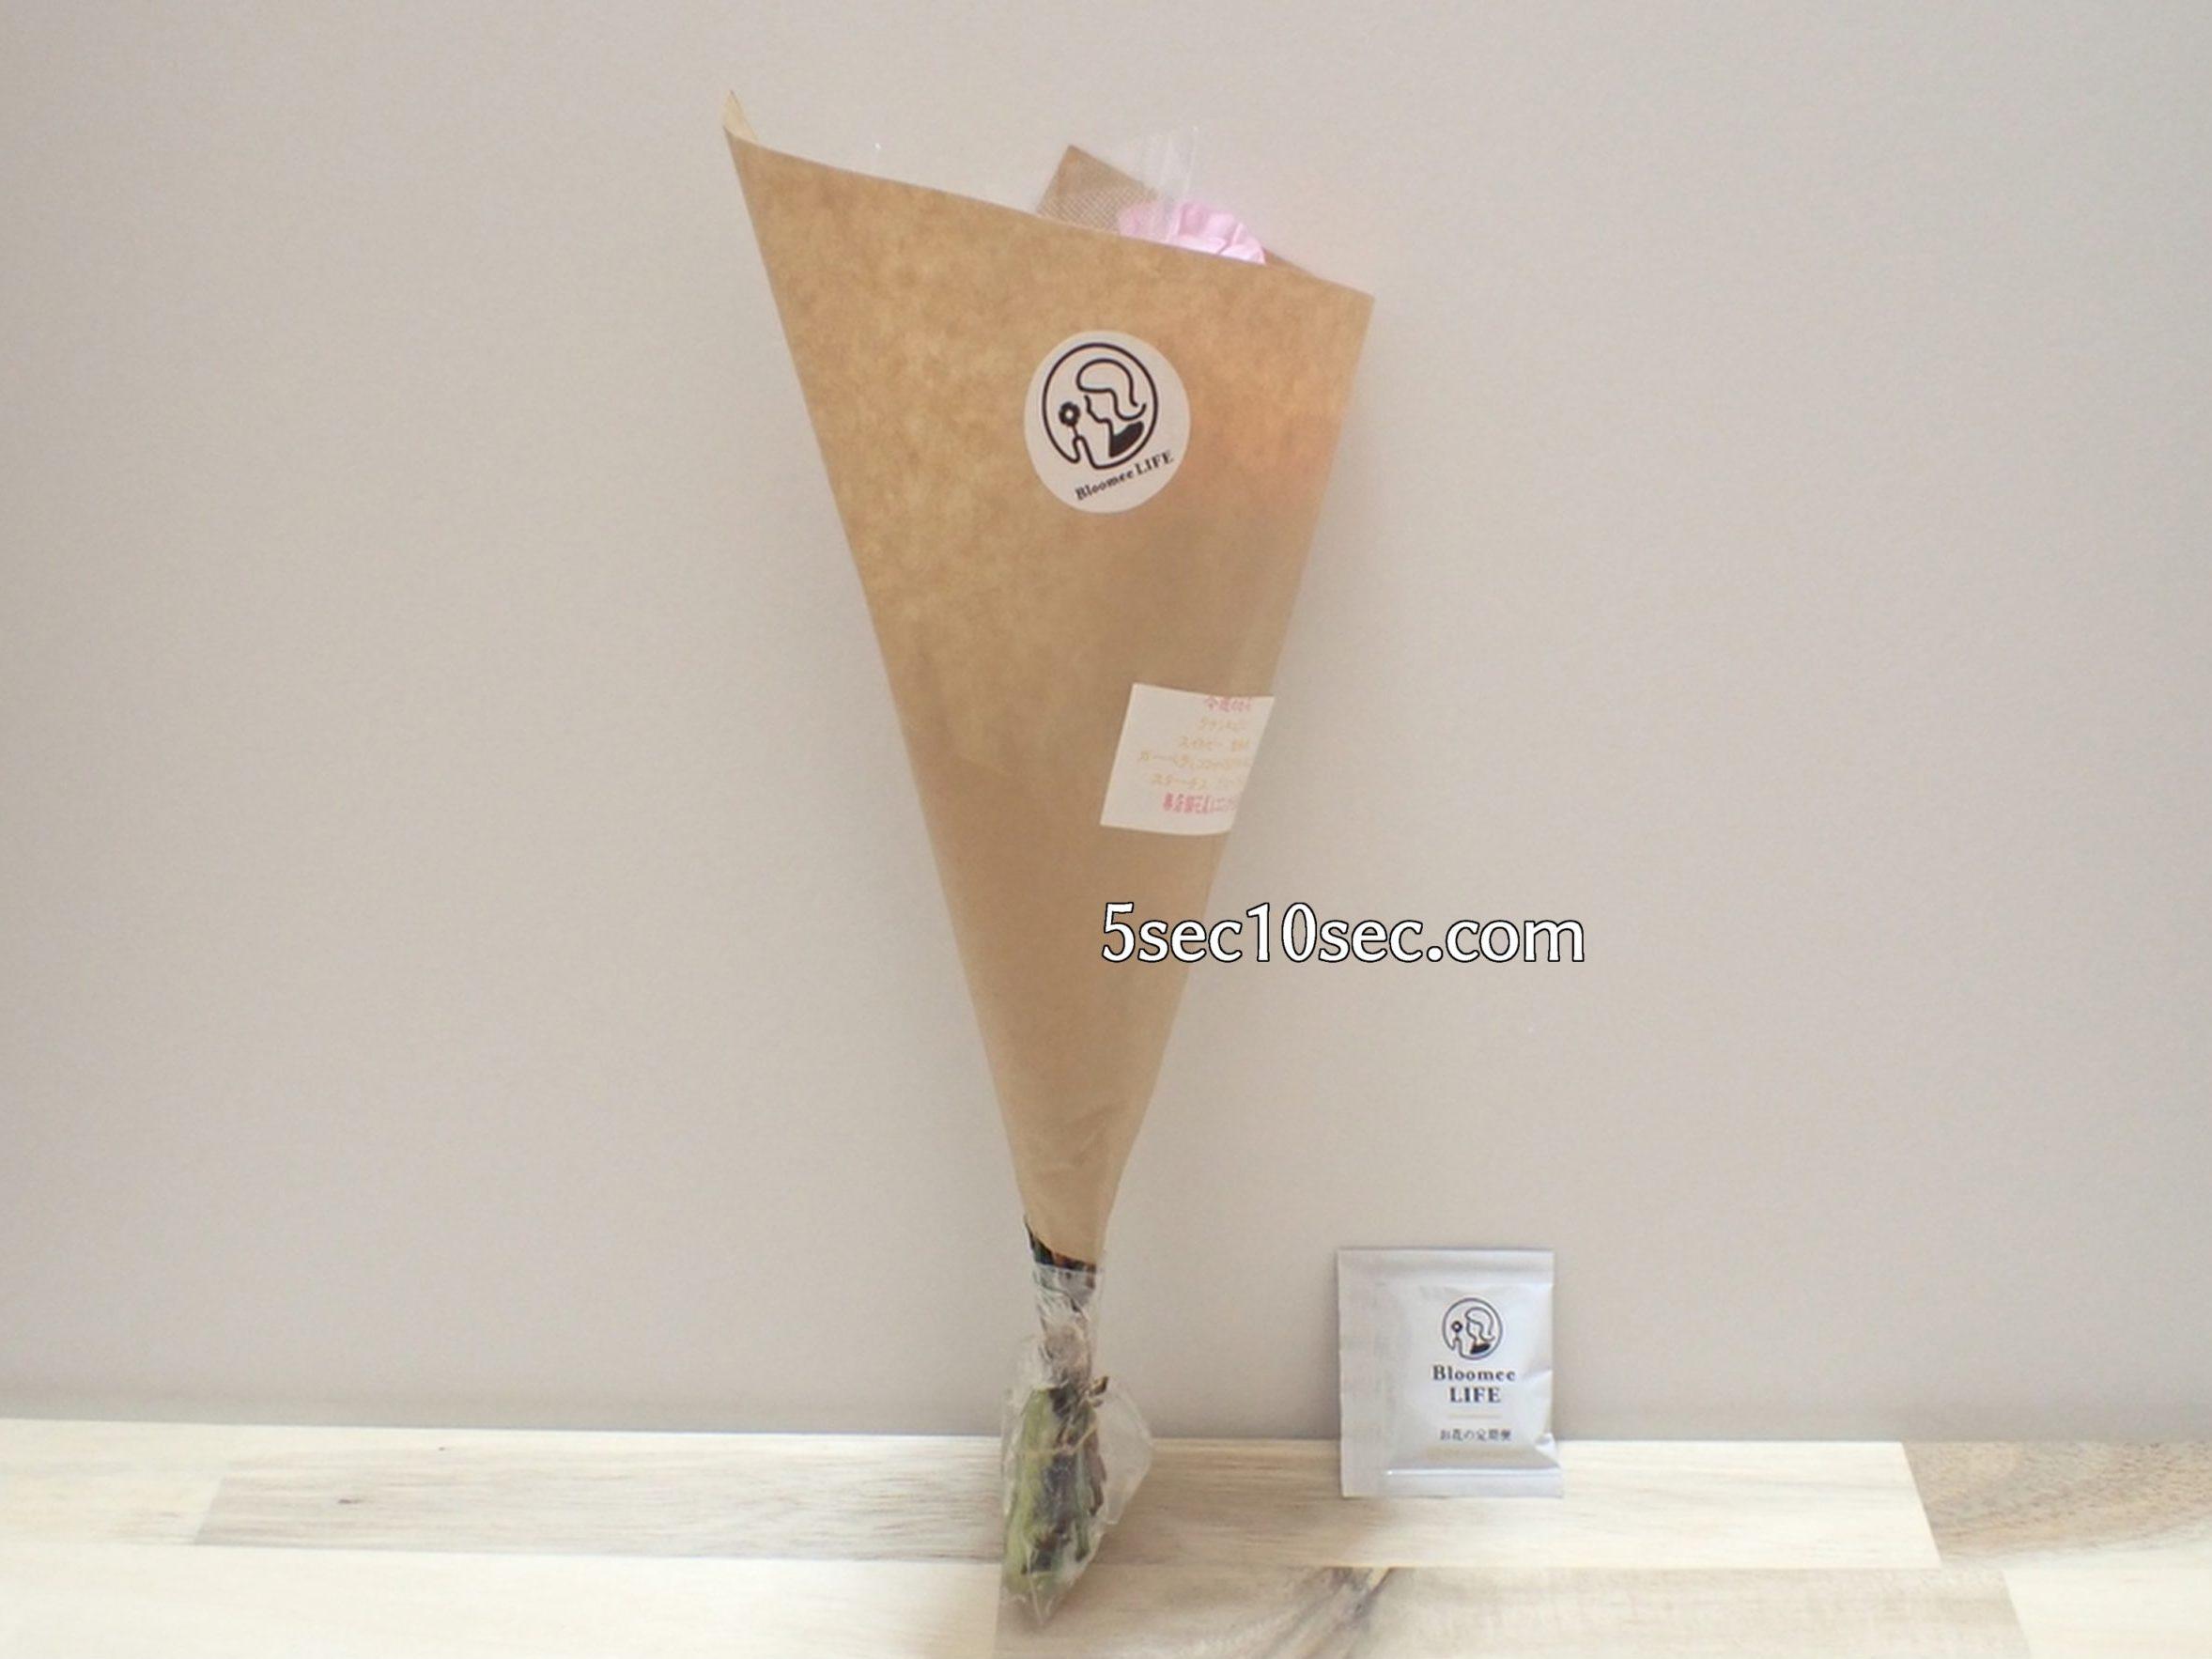 株式会社Crunch Style お花の定期便 Bloomee LIFE ブルーミーライフ レギュラープラン クリスマスパッケージから出した写真、お花の栄養剤つきです